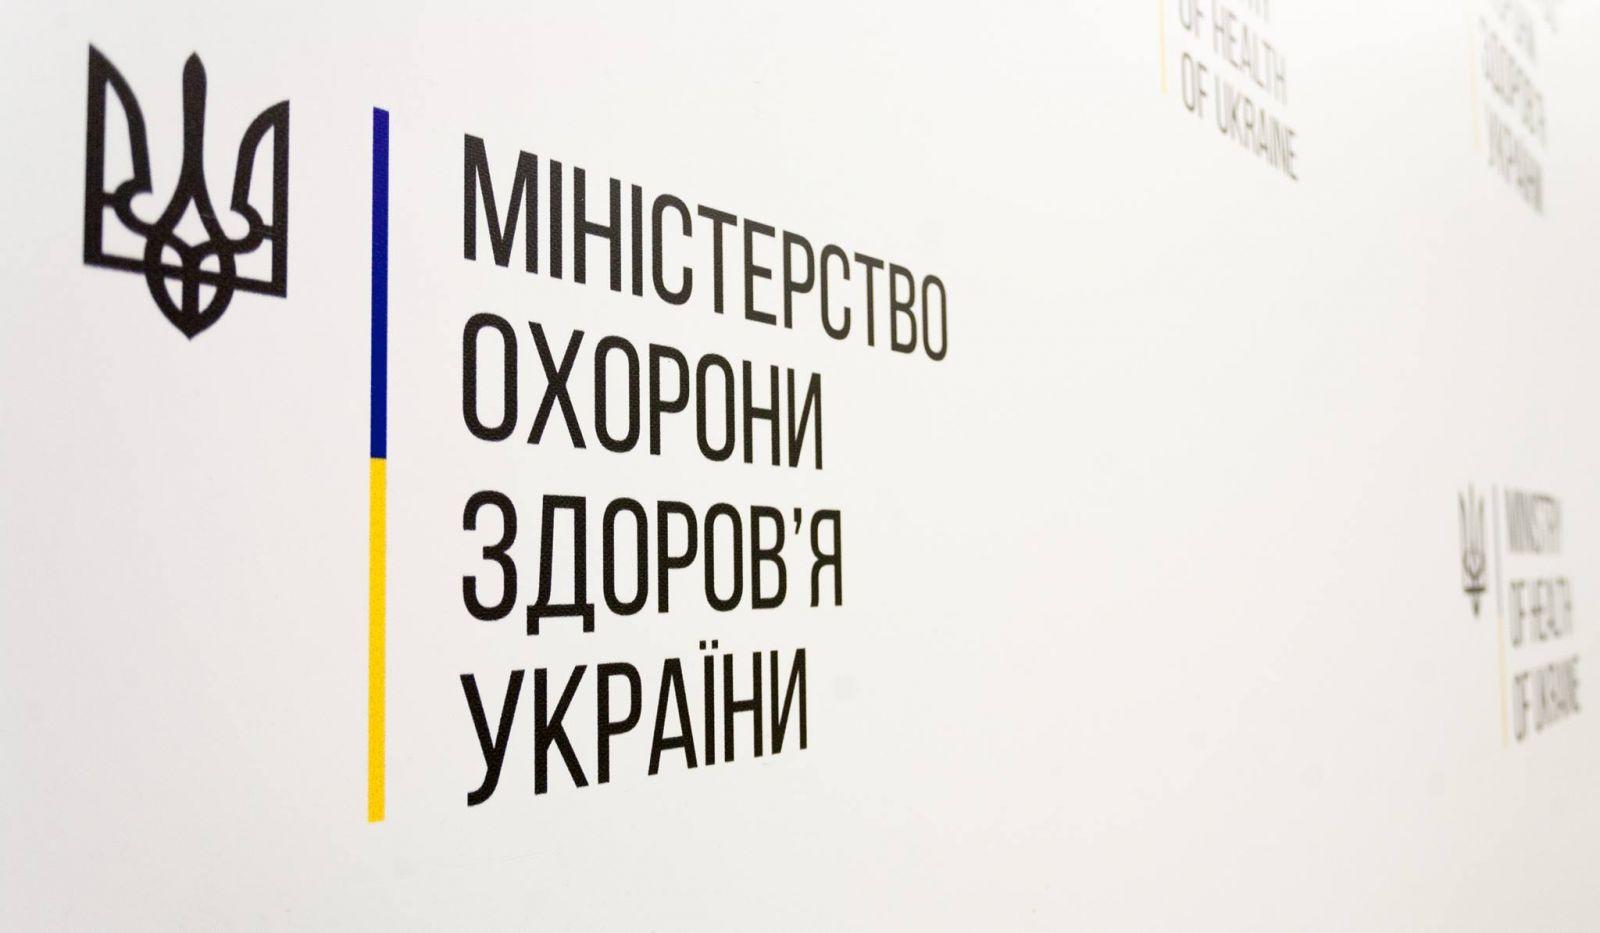 В Украине не будут восстанавливать Санэпидемслужбу, – Минздрав